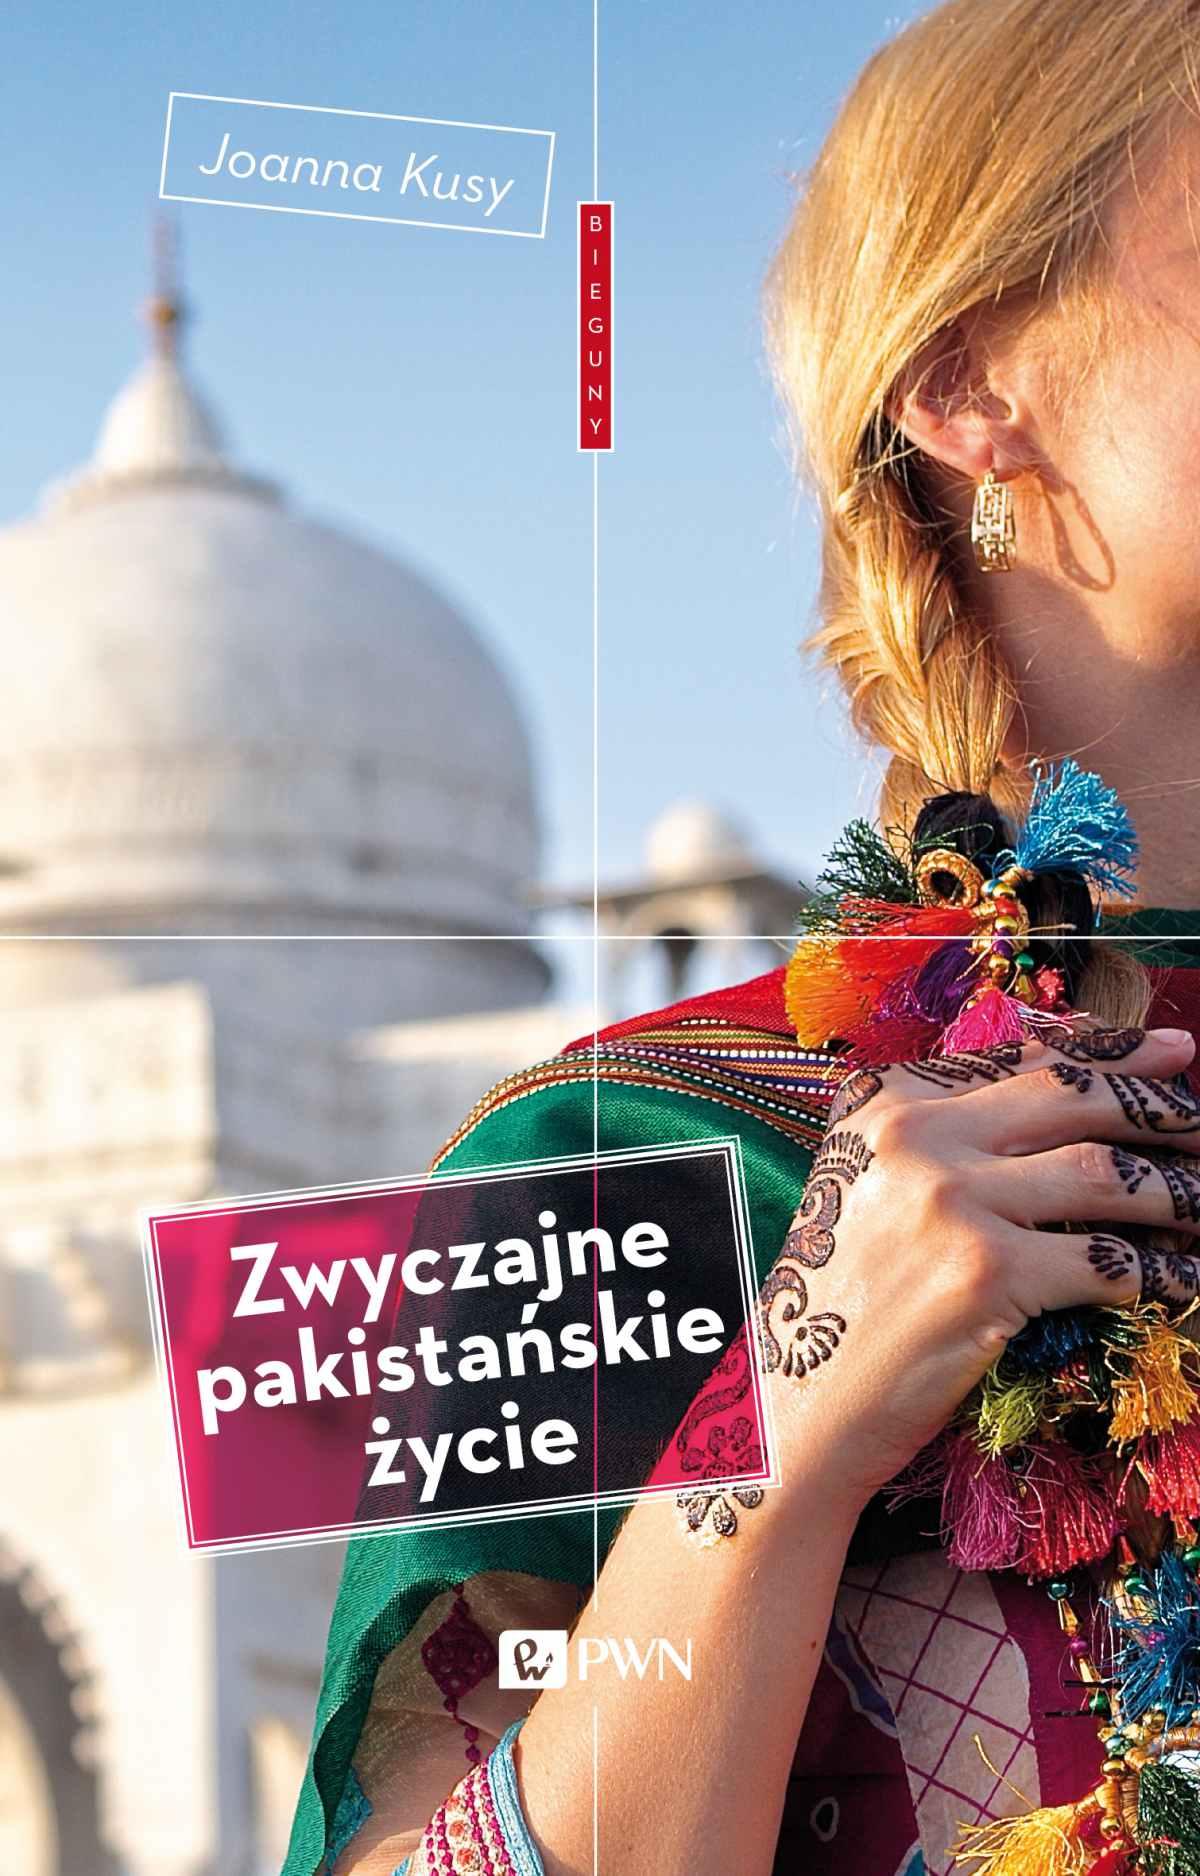 Zwyczajne pakistańskie życie - Ebook (Książka EPUB) do pobrania w formacie EPUB